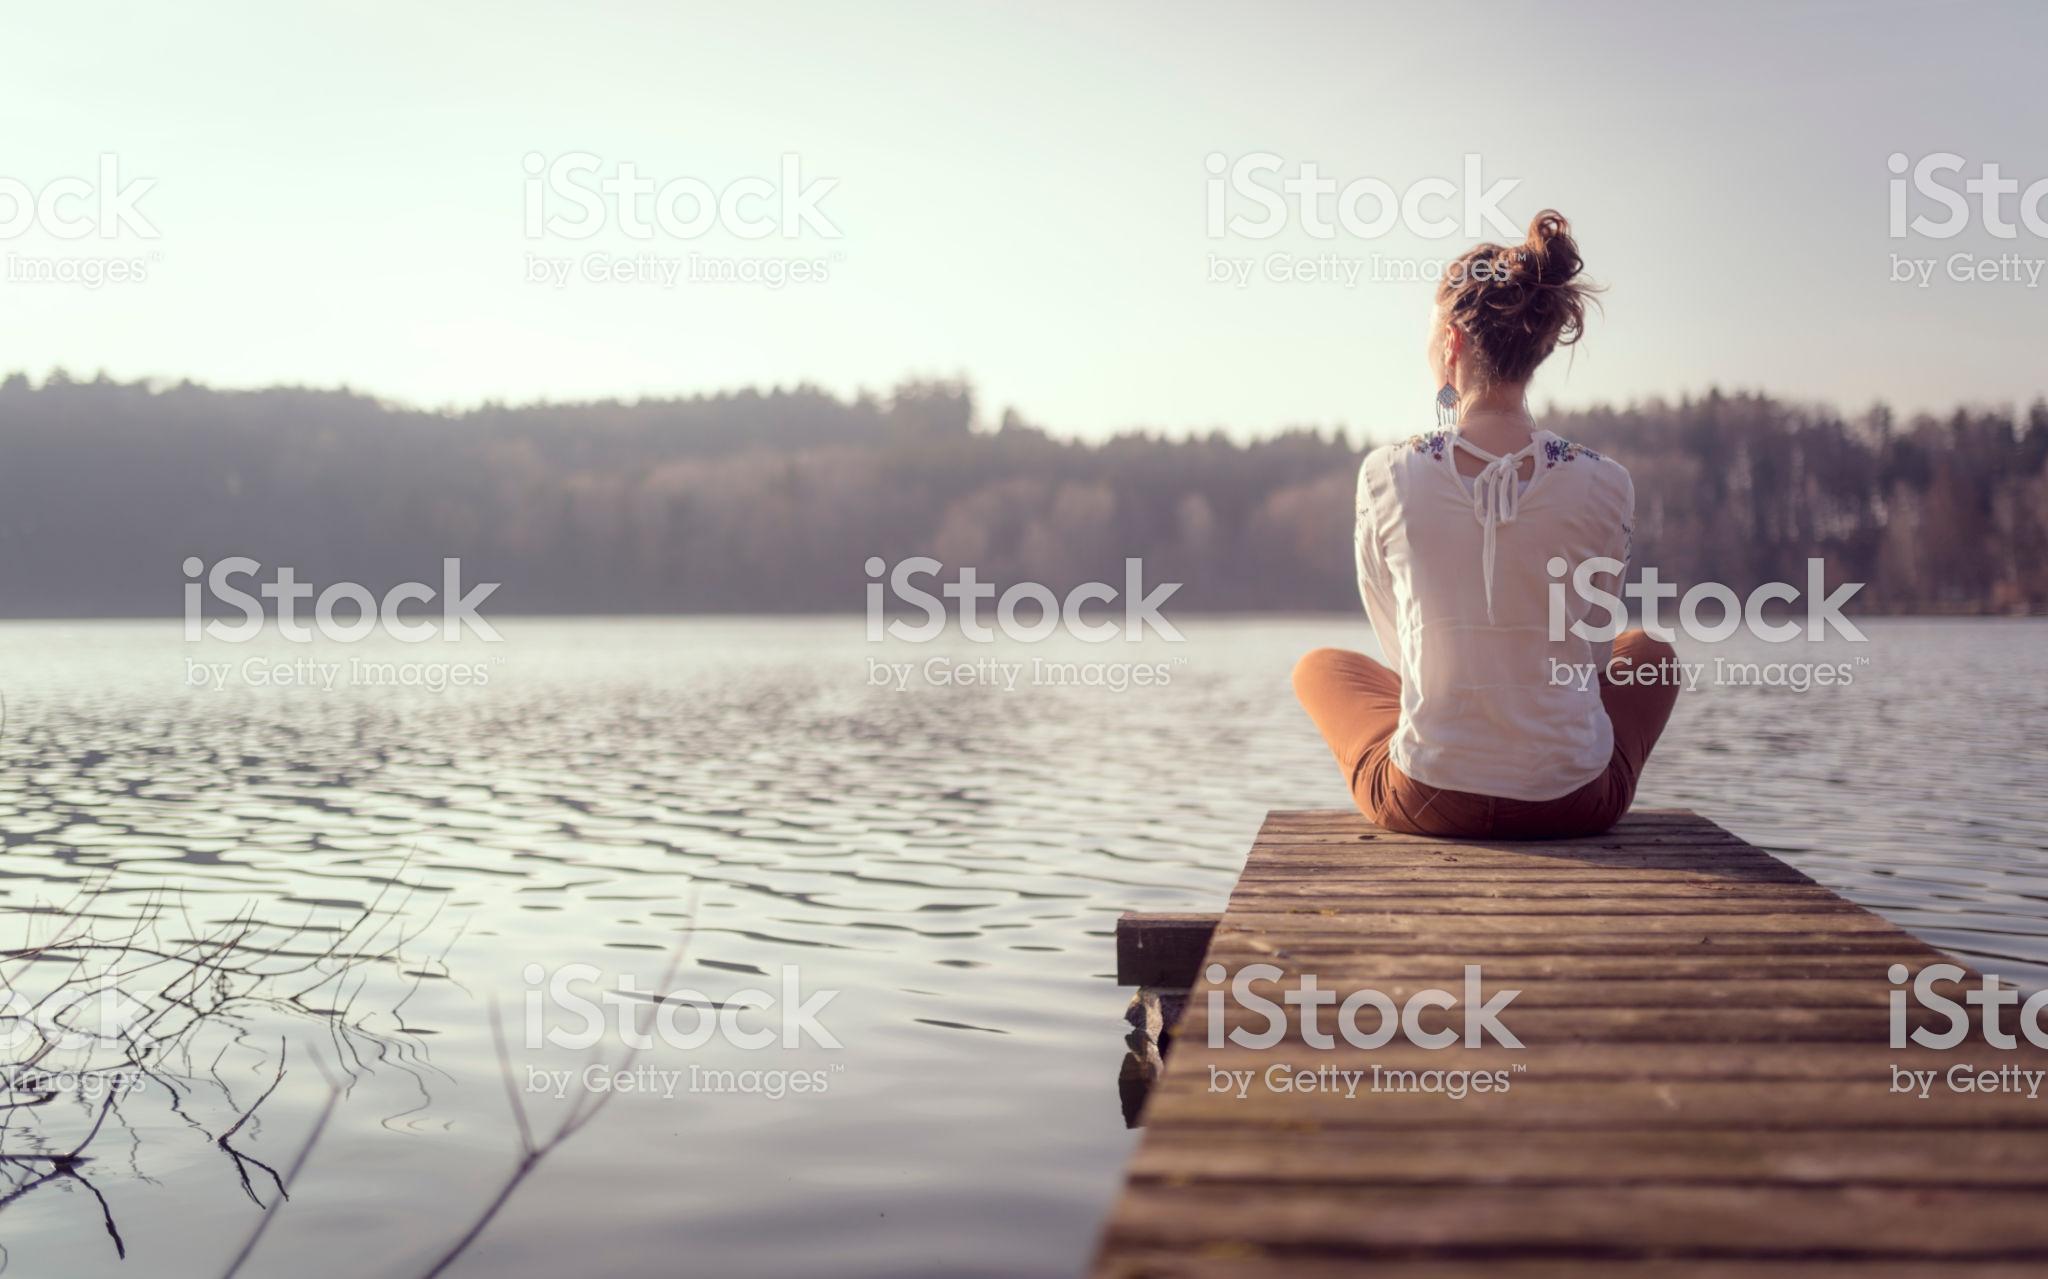 istockphoto-938038862-2048×2048